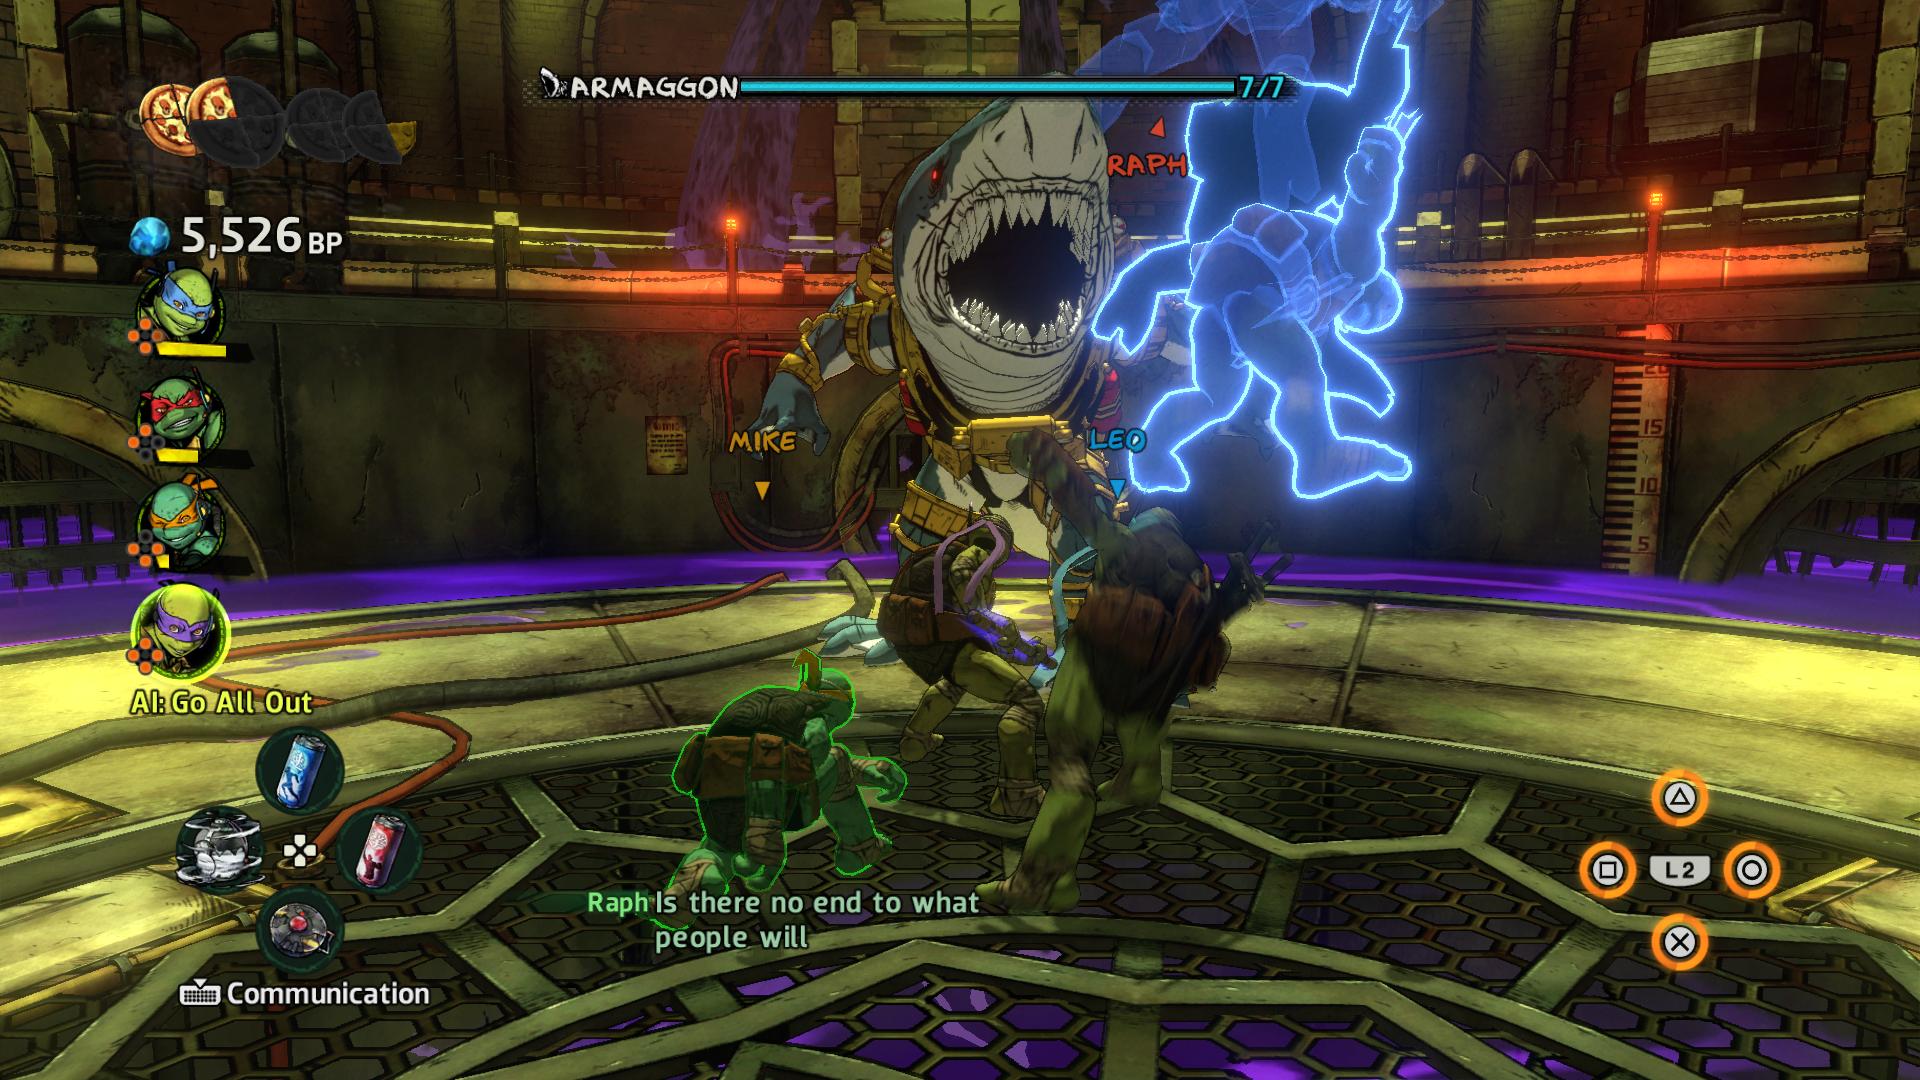 nat_games_Teenage_Mutant_Ninja_Turtles_2